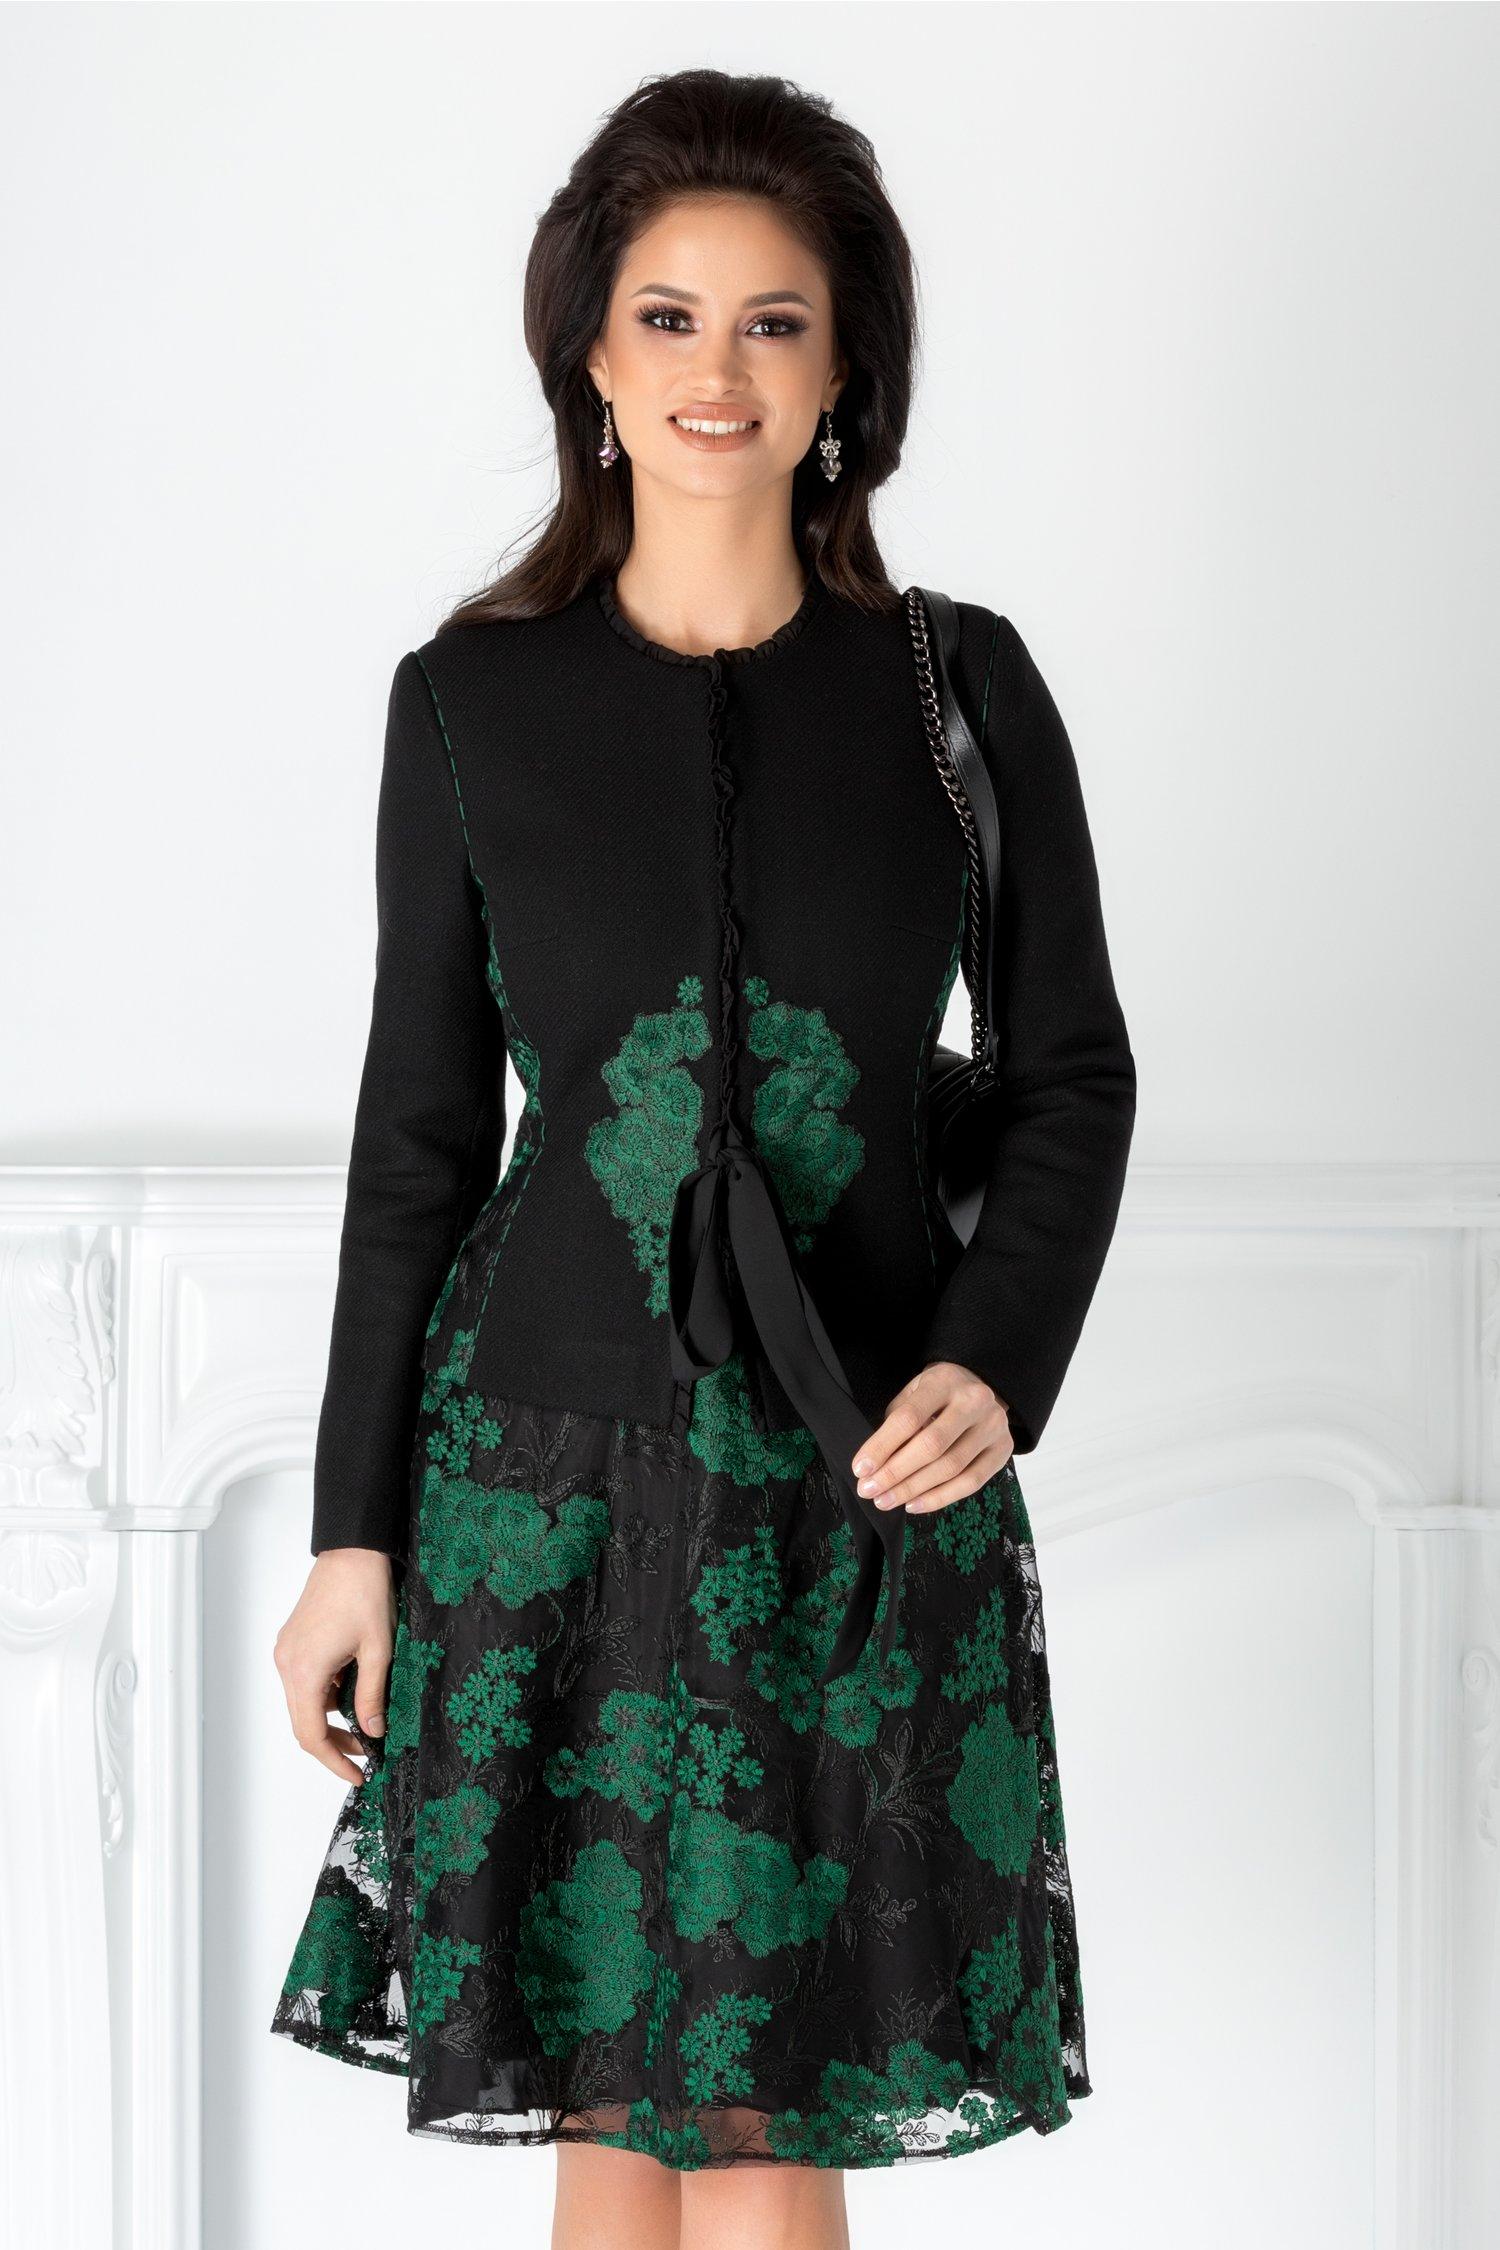 Compleu LaDonna negru cu fusta si broderie verde